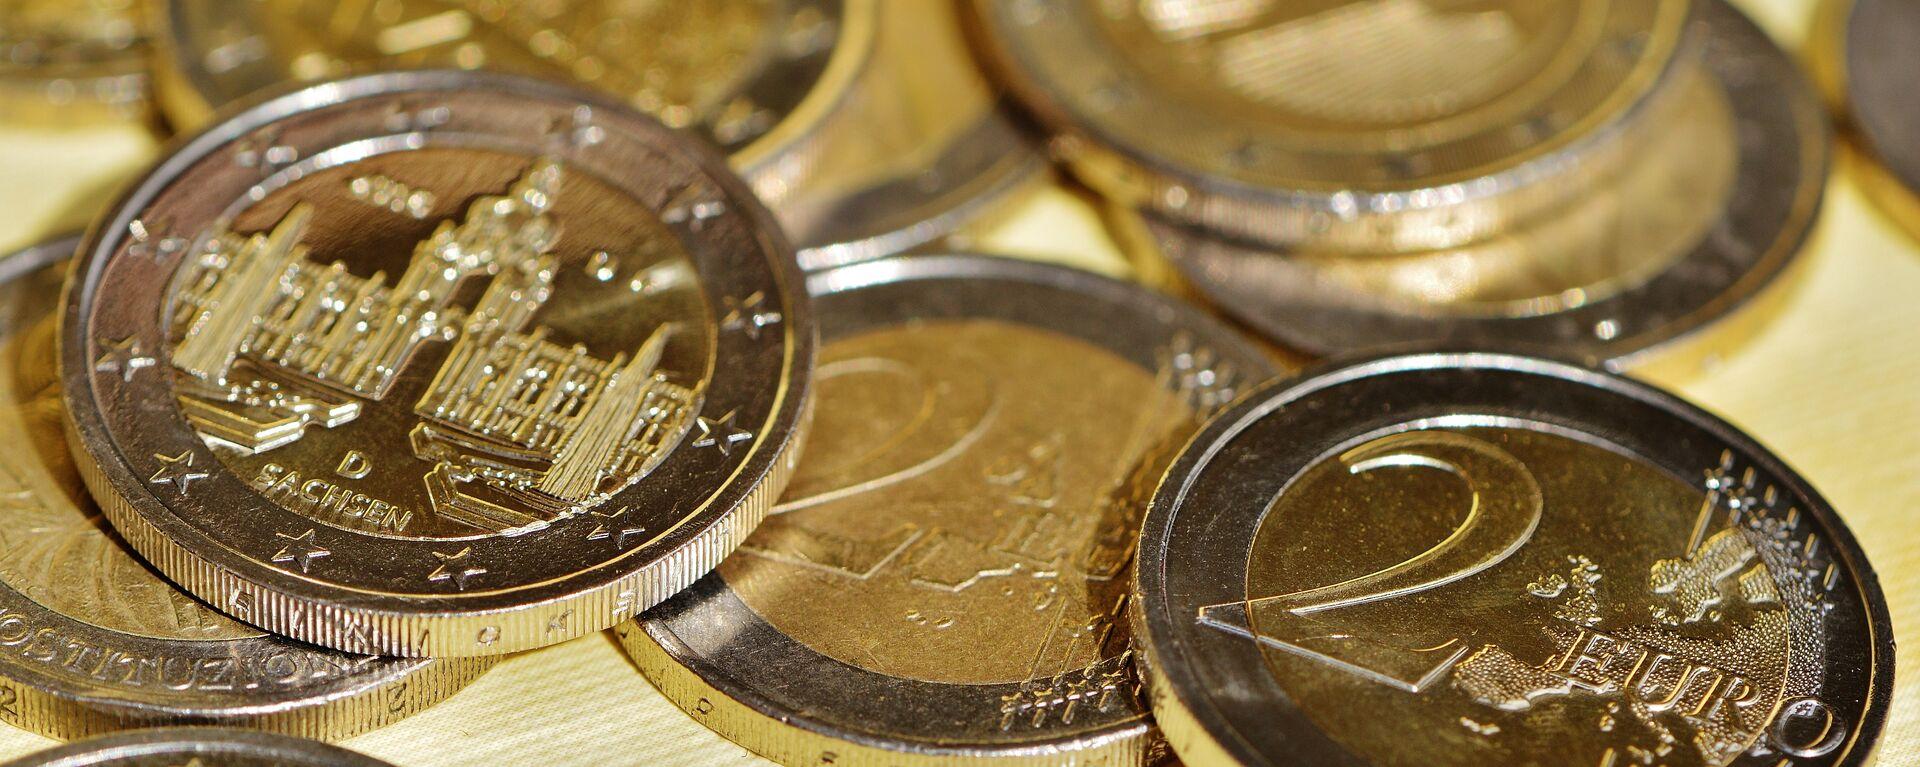 Monedas de dos euros (imagen referencial) - Sputnik Mundo, 1920, 07.09.2021